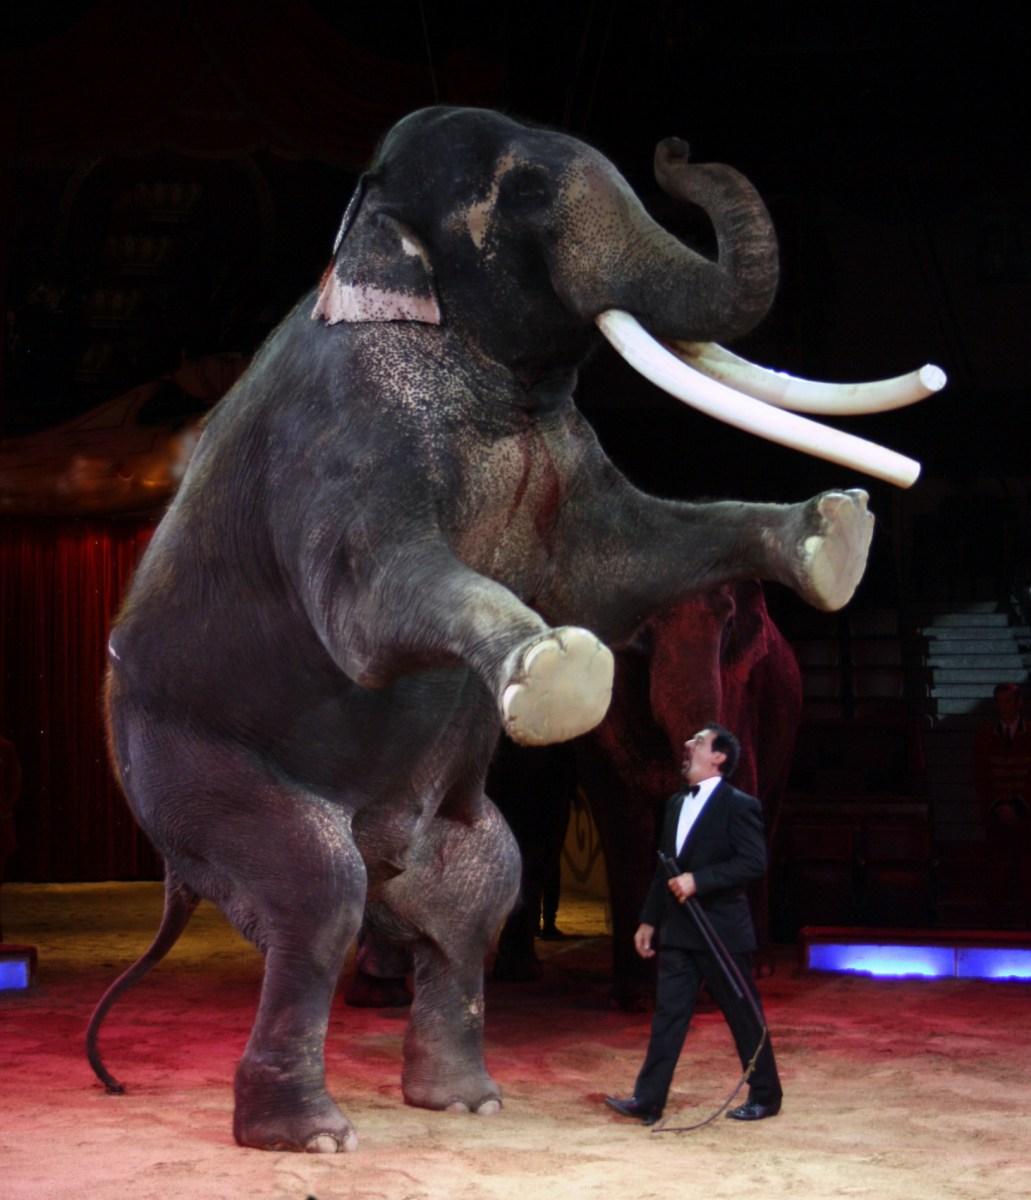 Uden elefanter dør magien. Uden magi intet cirkus.